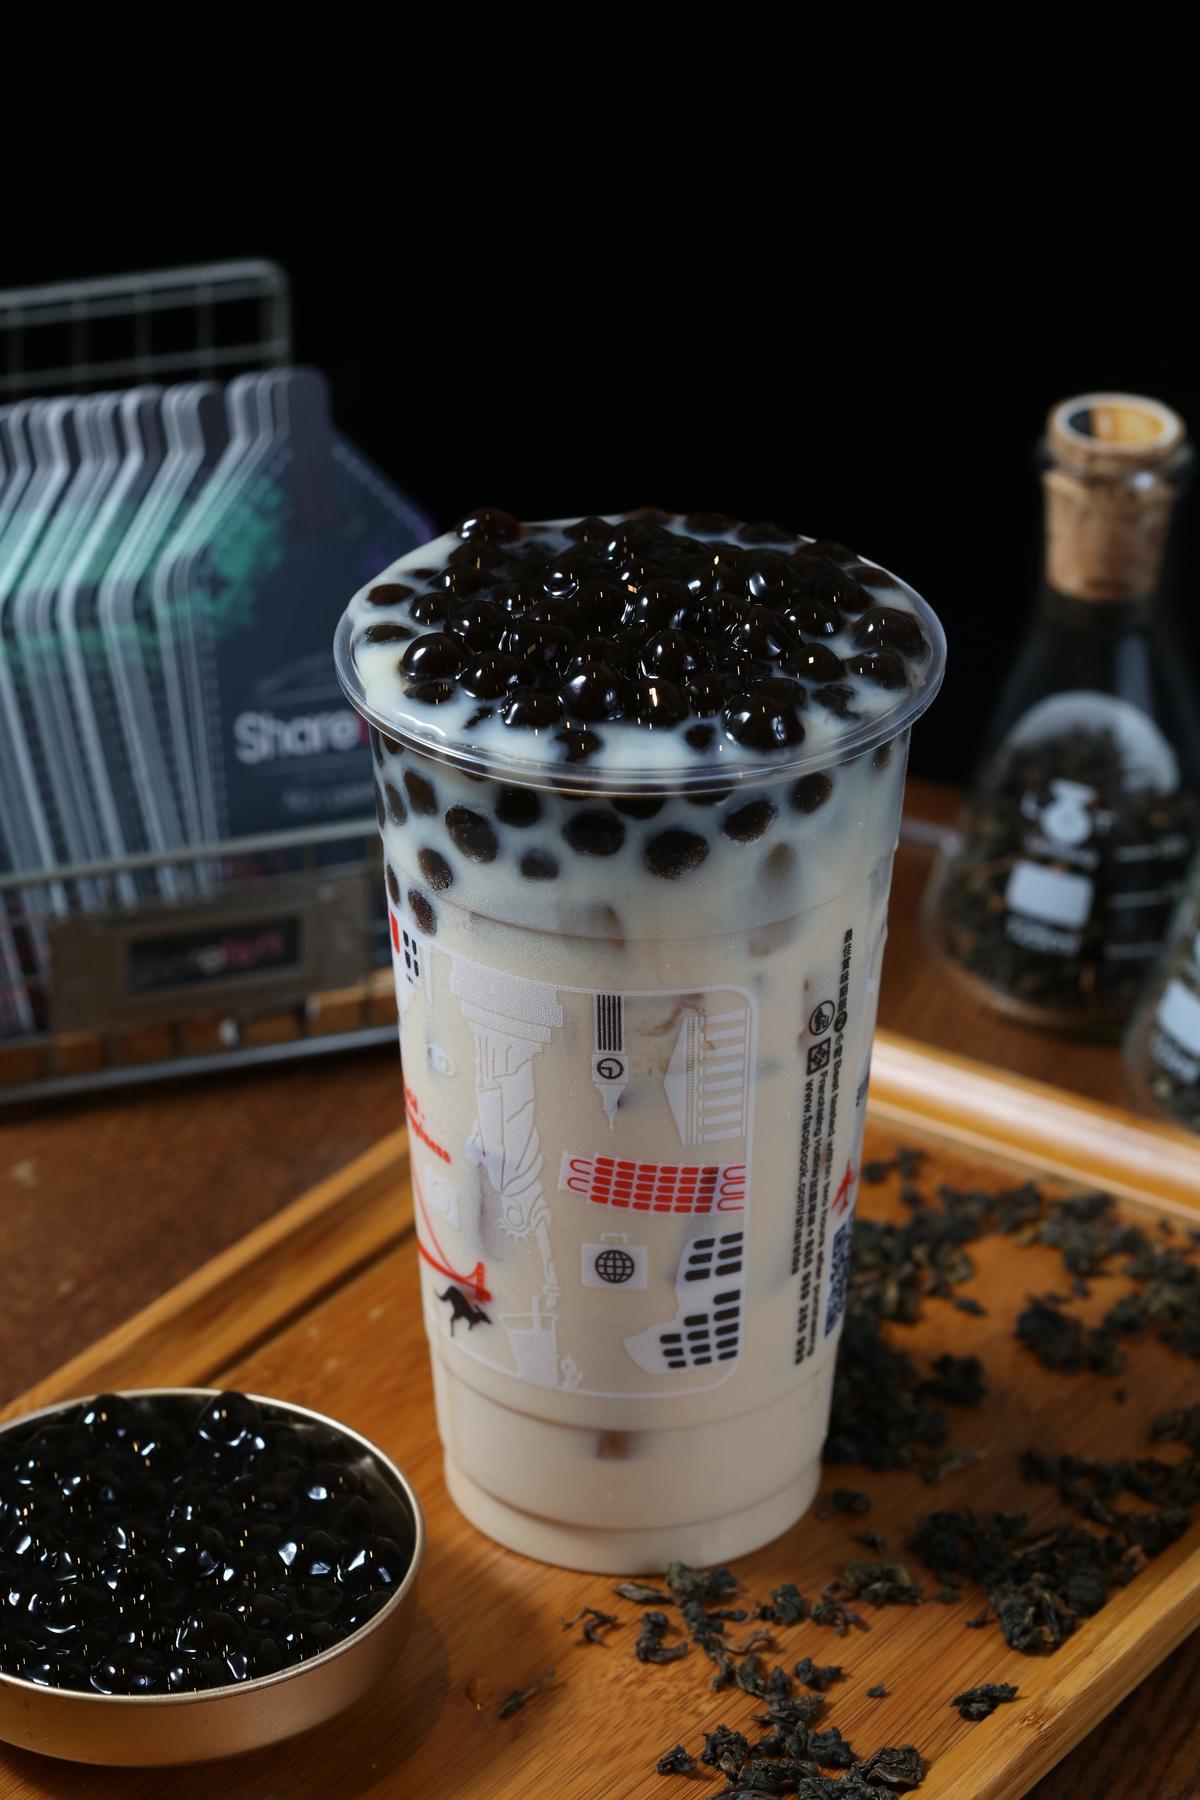 招牌珍珠奶茶茶香醇厚,做好的珍珠在特定時限內沒用完一律倒掉,避免影響口感。(60元/杯)